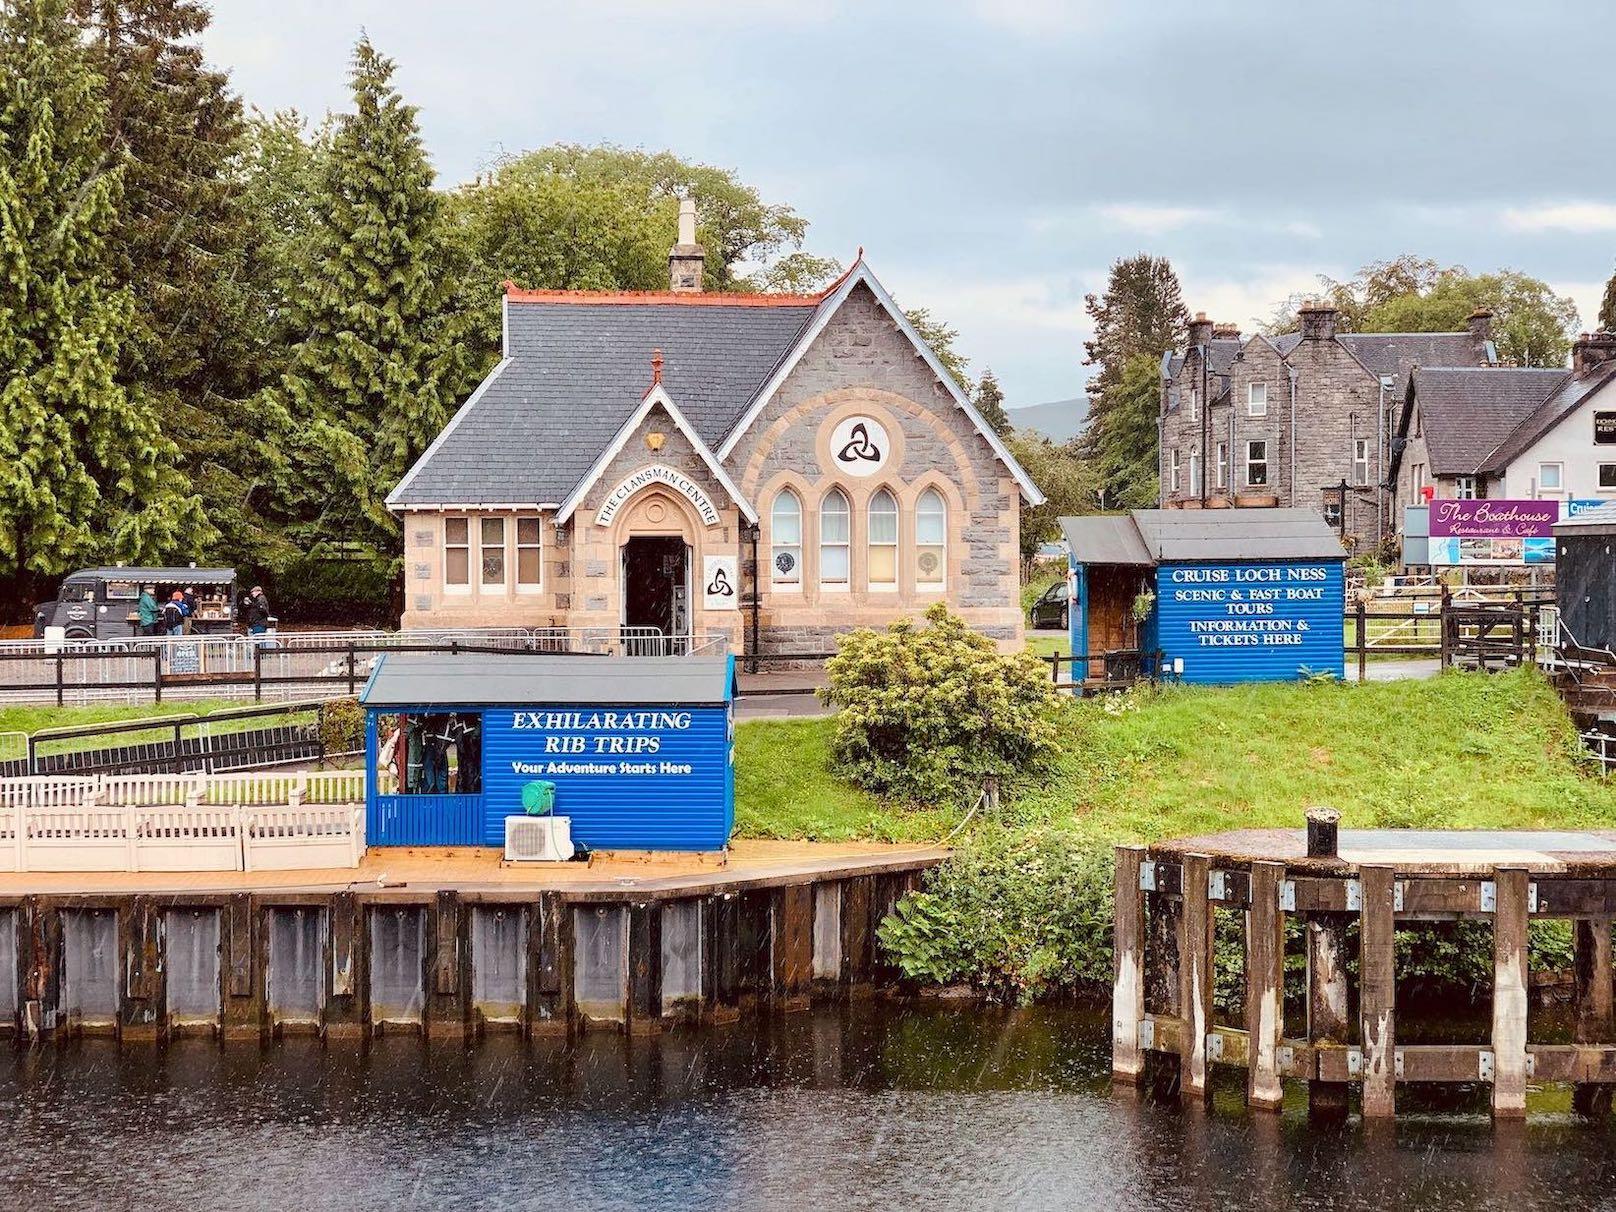 Visit Fort Augustus Village in Loch Ness